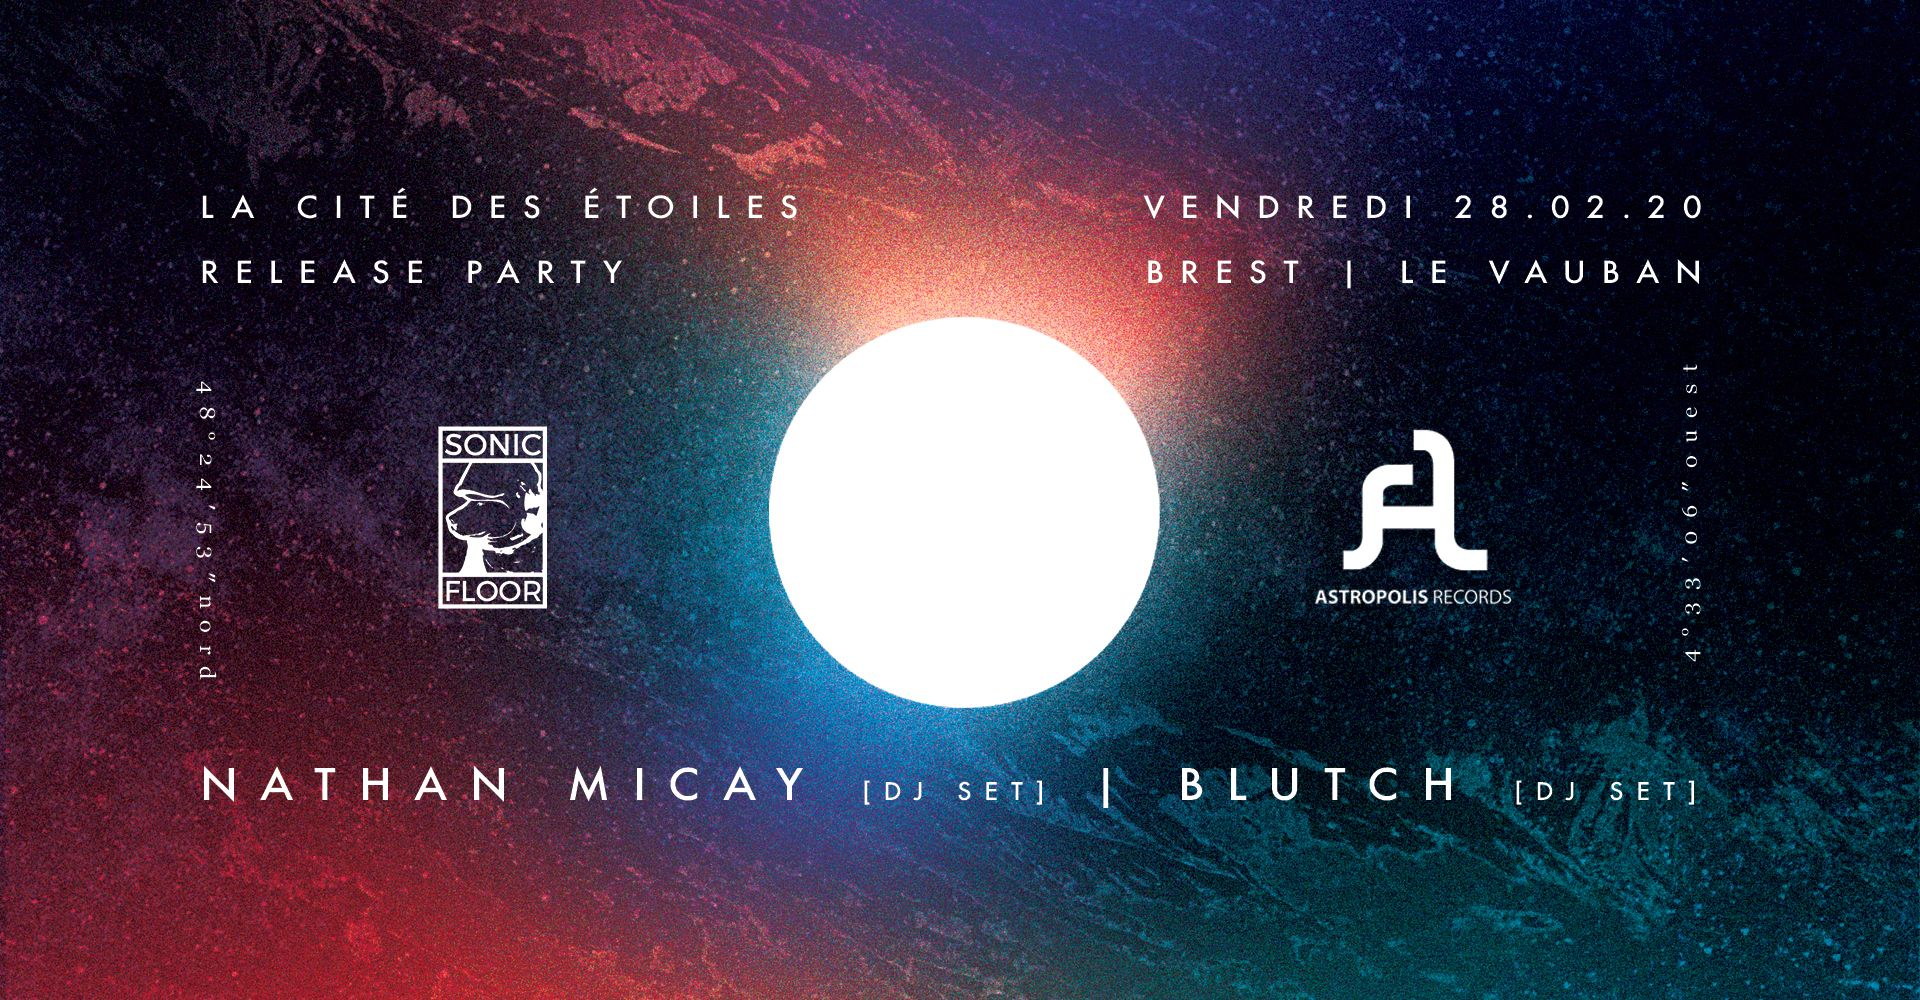 La Cité des Etoiles Release Party w/ Nathan Micay + Blutch